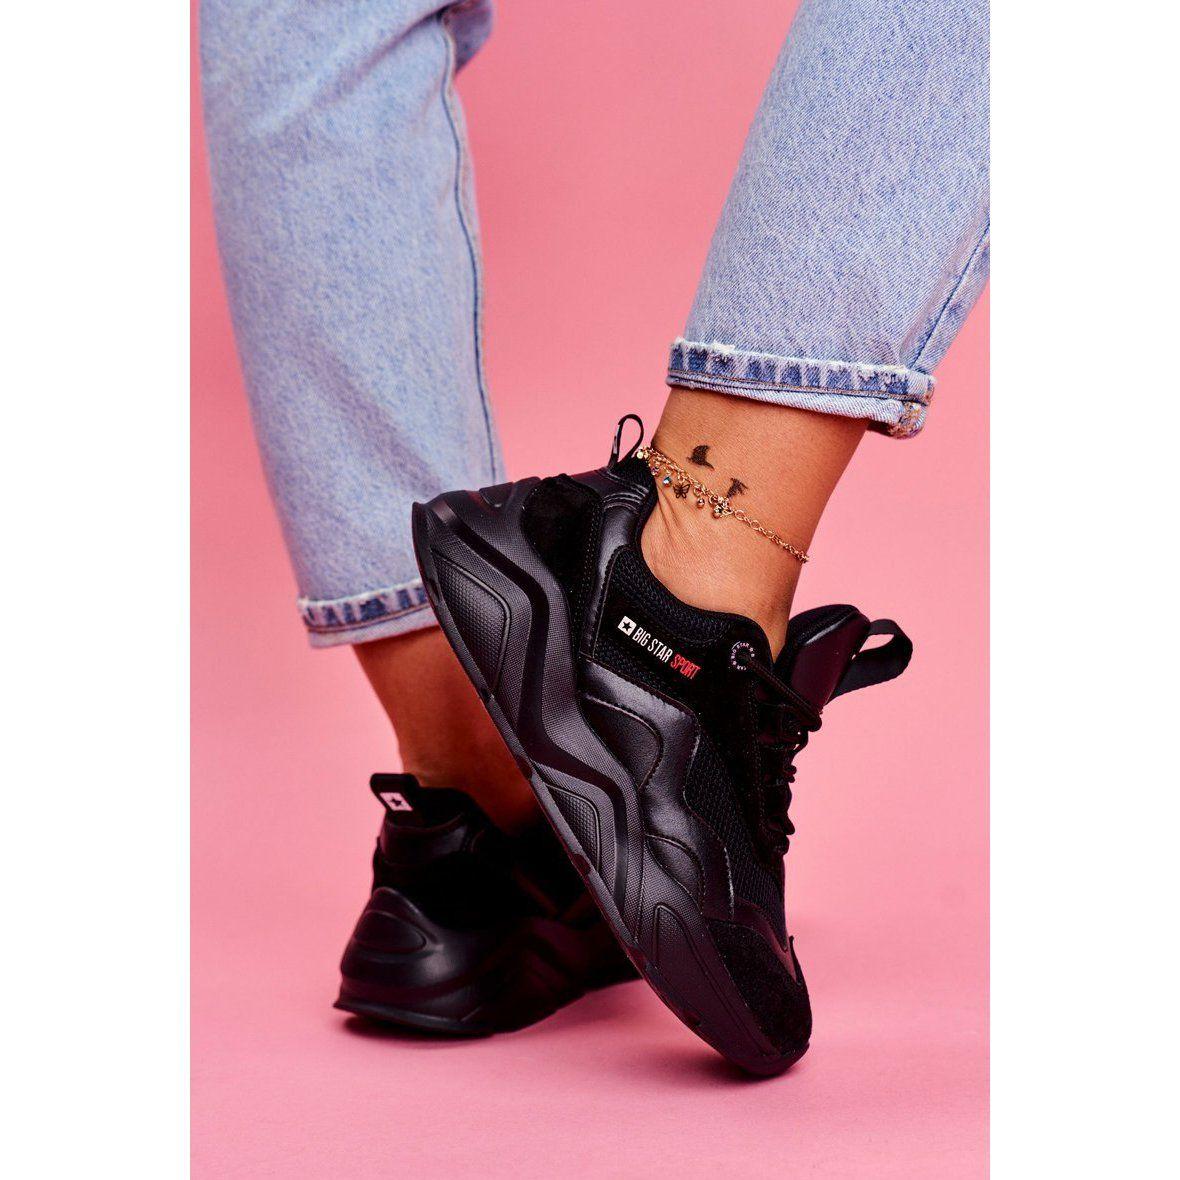 Damskie Sportowe Obuwie Sneakersy Big Star Czarne Ff274959 Bow Sneakers Sneakers Shoes